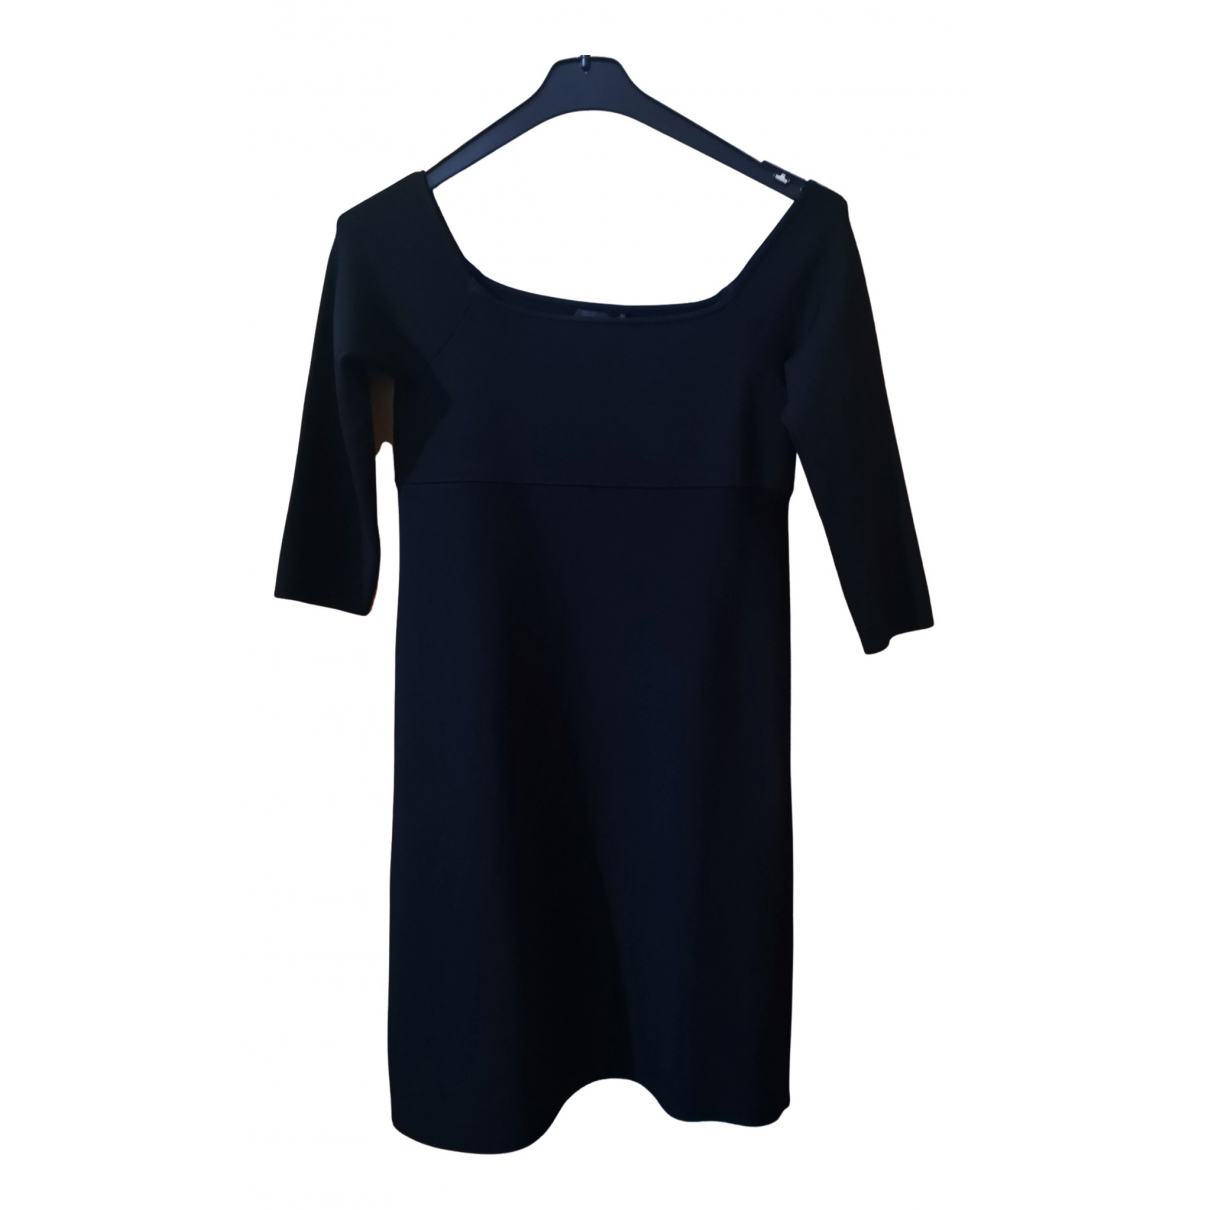 Liu.jo \N Kleid in  Schwarz Viskose